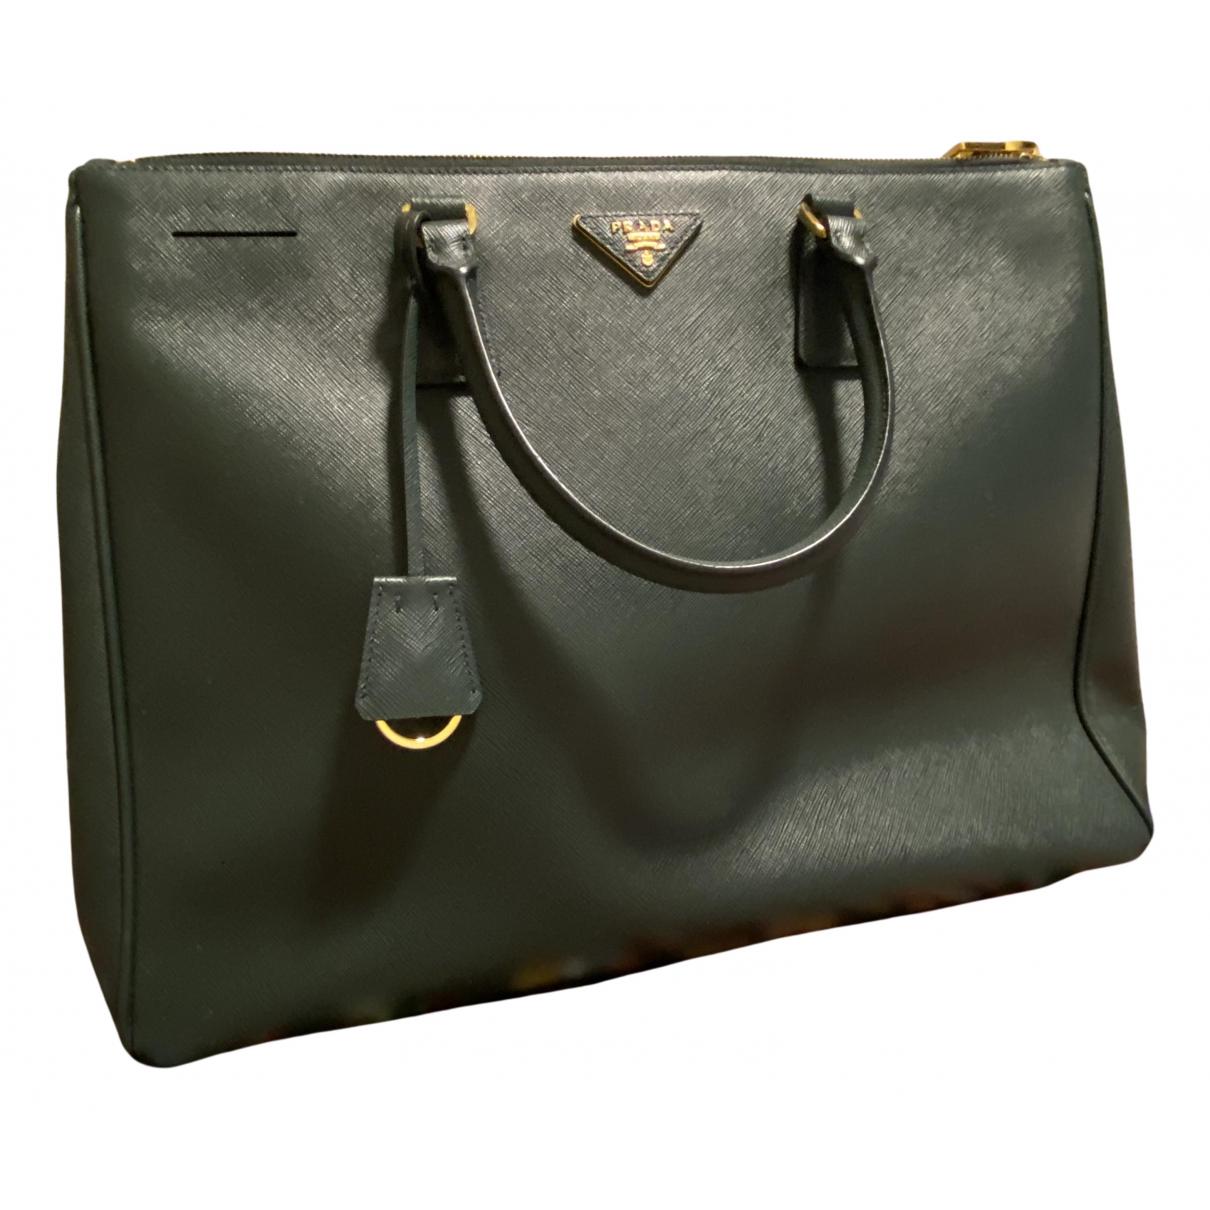 Prada Galleria Handtasche in Lackleder